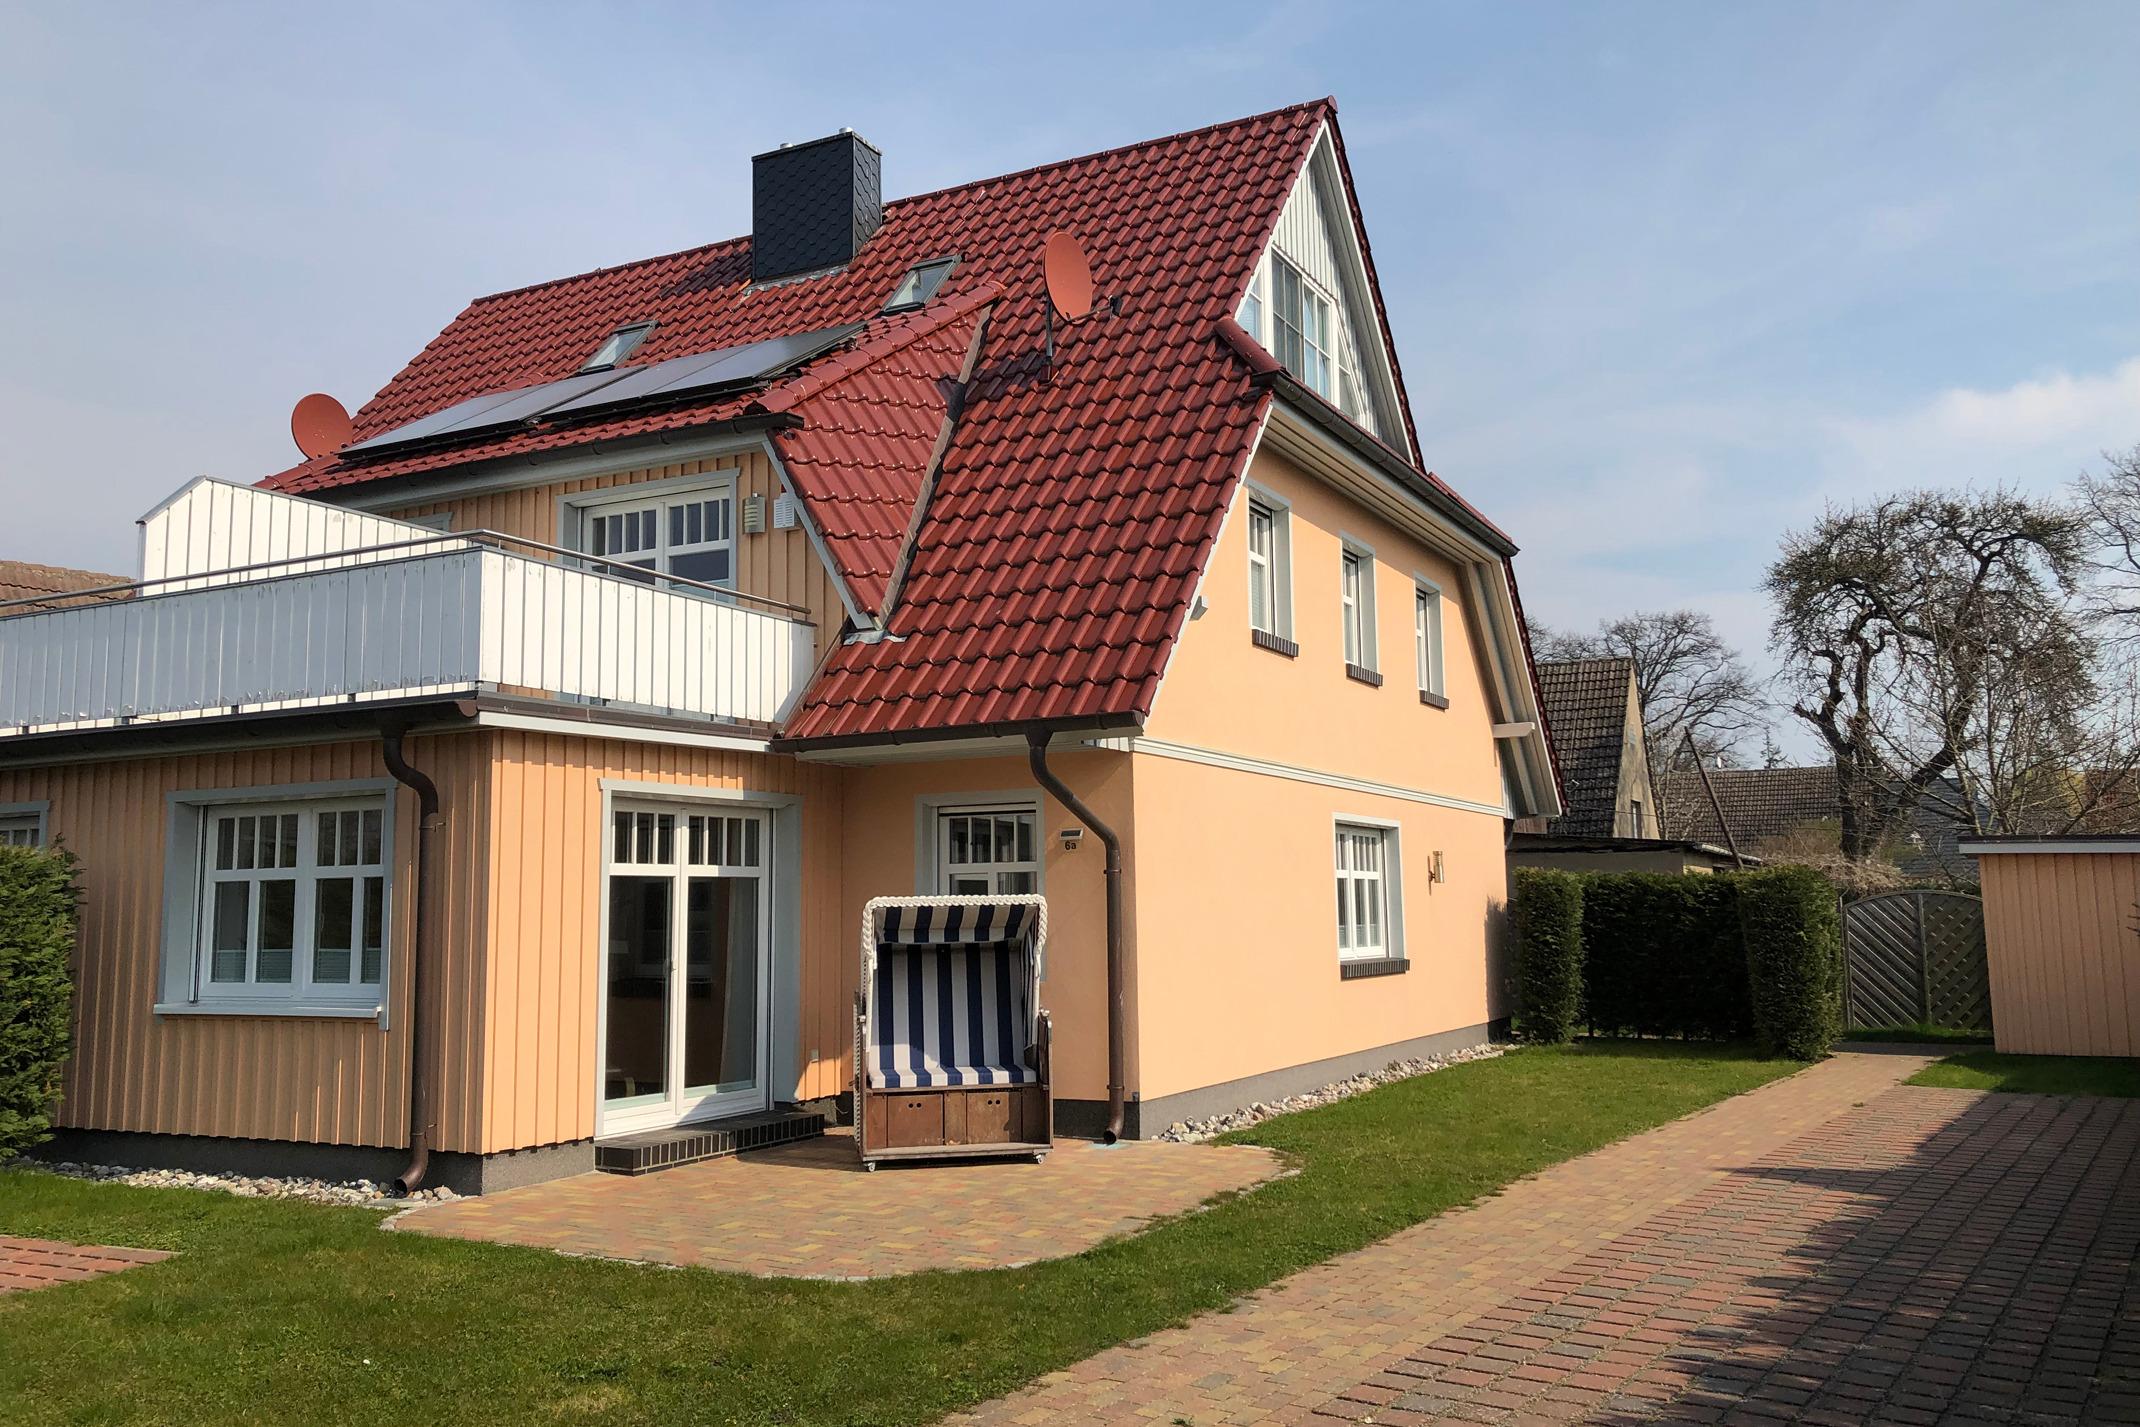 Haus Ole Ferienhaus  Fischland Darß Zingst